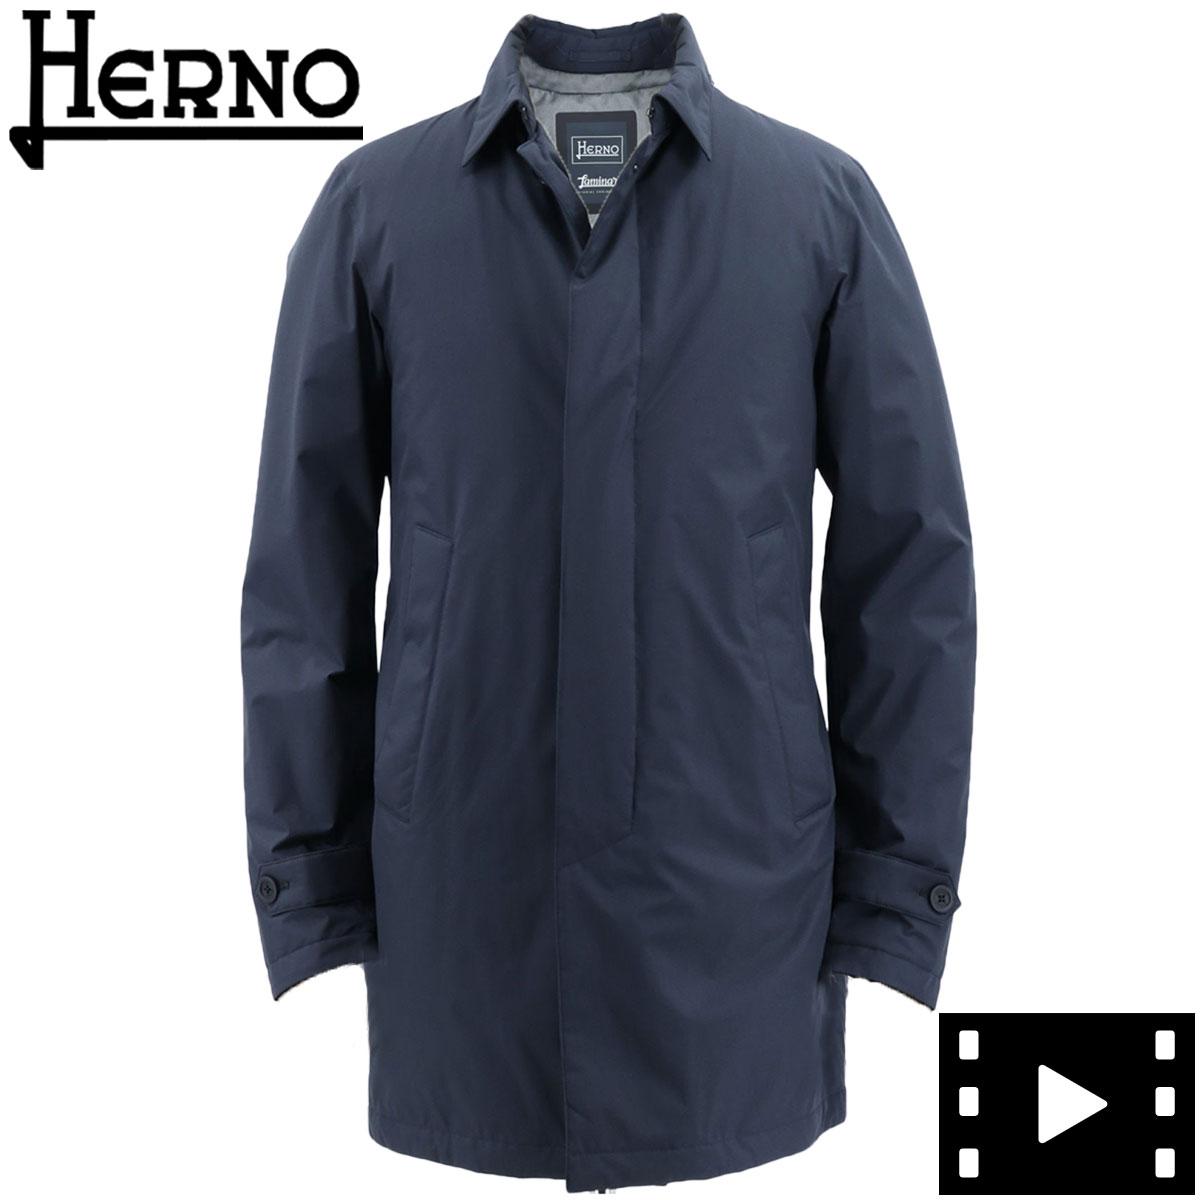 【決算セール】ヘルノ HERNO メンズ ラミナー ゴアテックス ステンカラー ダウンコート GORETEX LAMINAR PI133UL 11121/D 9201 NAVY(ネイビー)秋冬新作【返品交換不可】